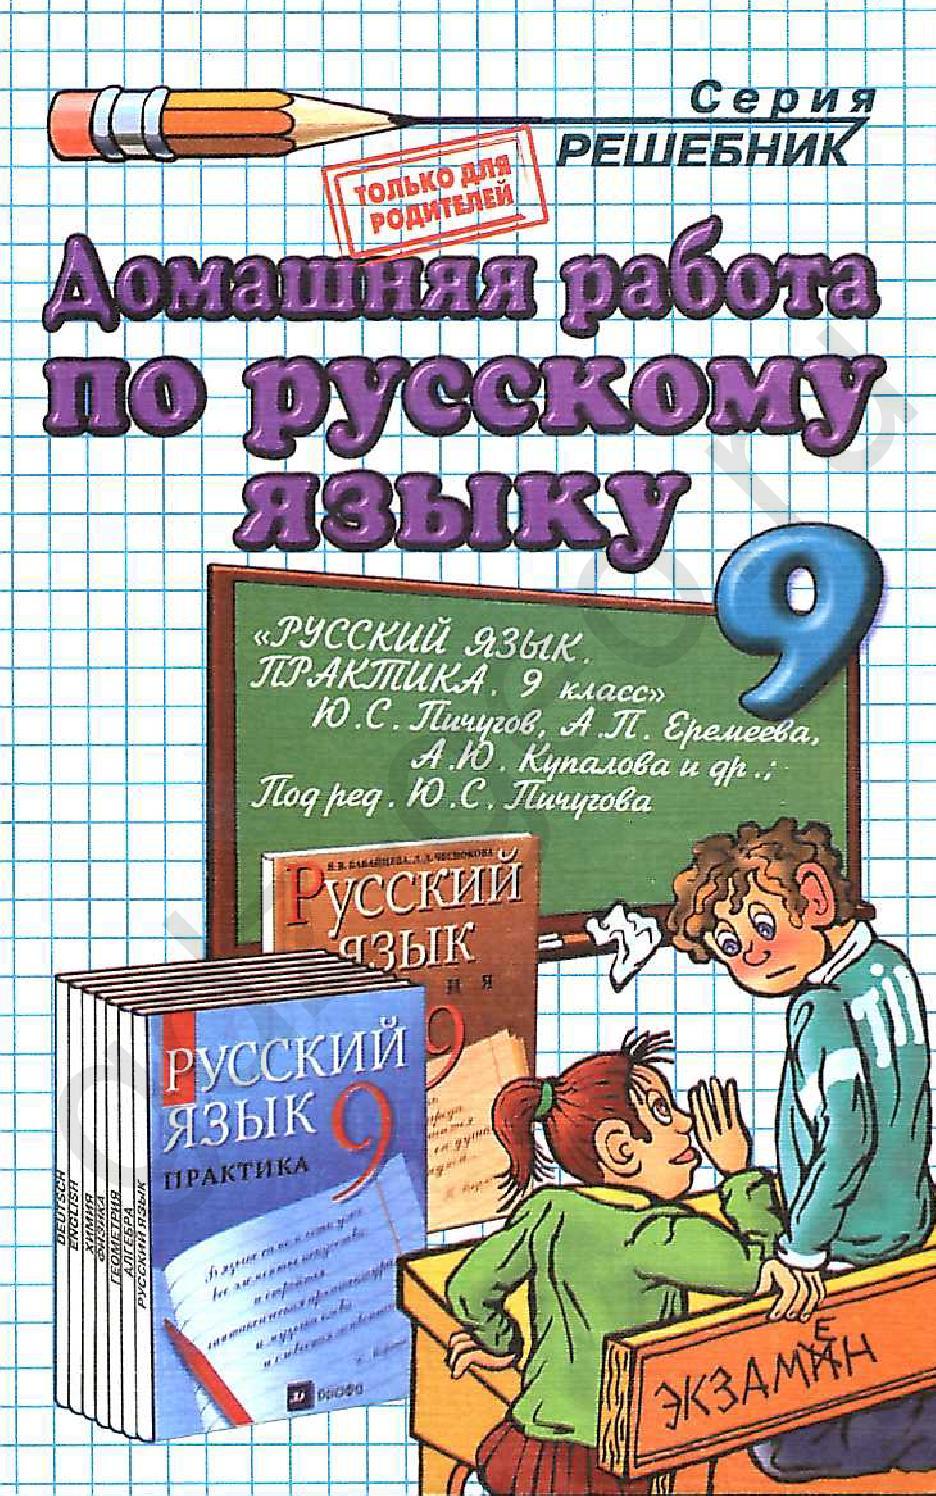 В пособии решены и в большинстве случаев подробно разобраны задания и упражнения из учебника русский язык